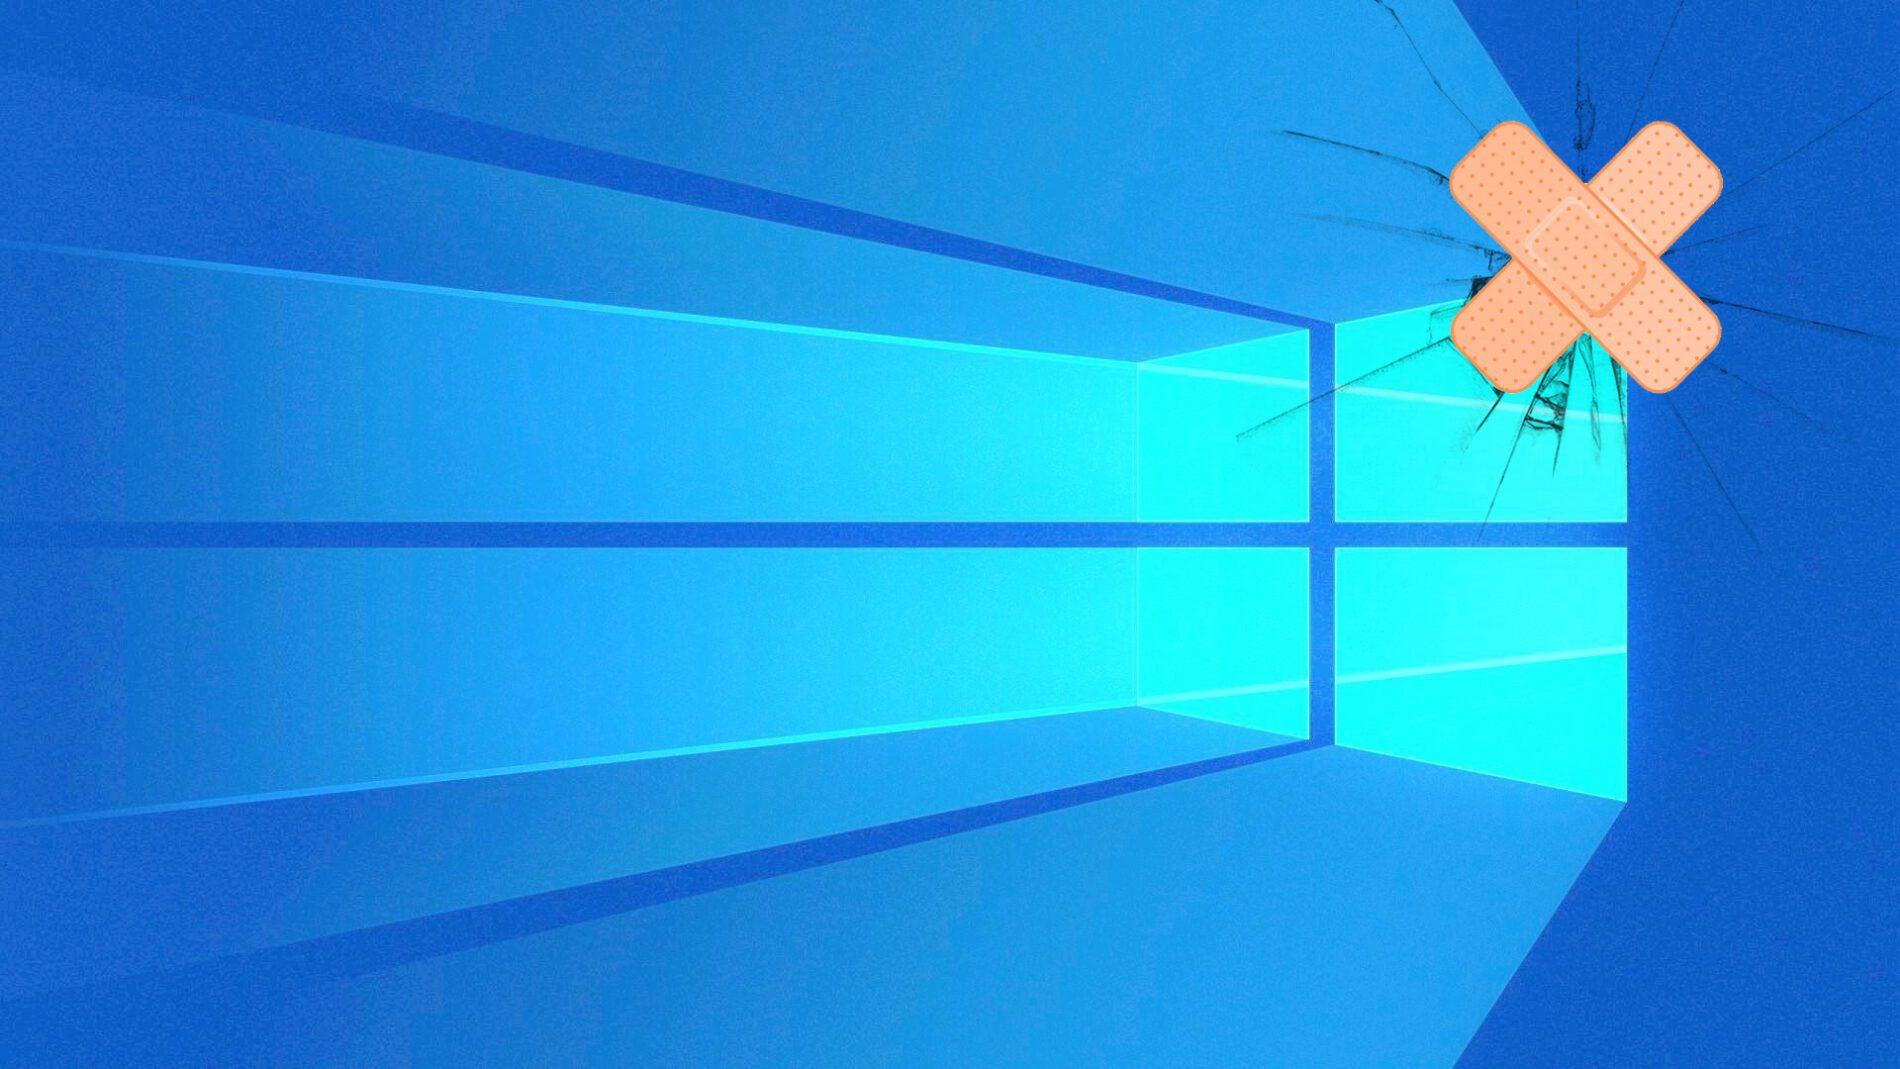 La mise à jour cumulative 19042.662 de Windows 10 octobre 2020 est publiée